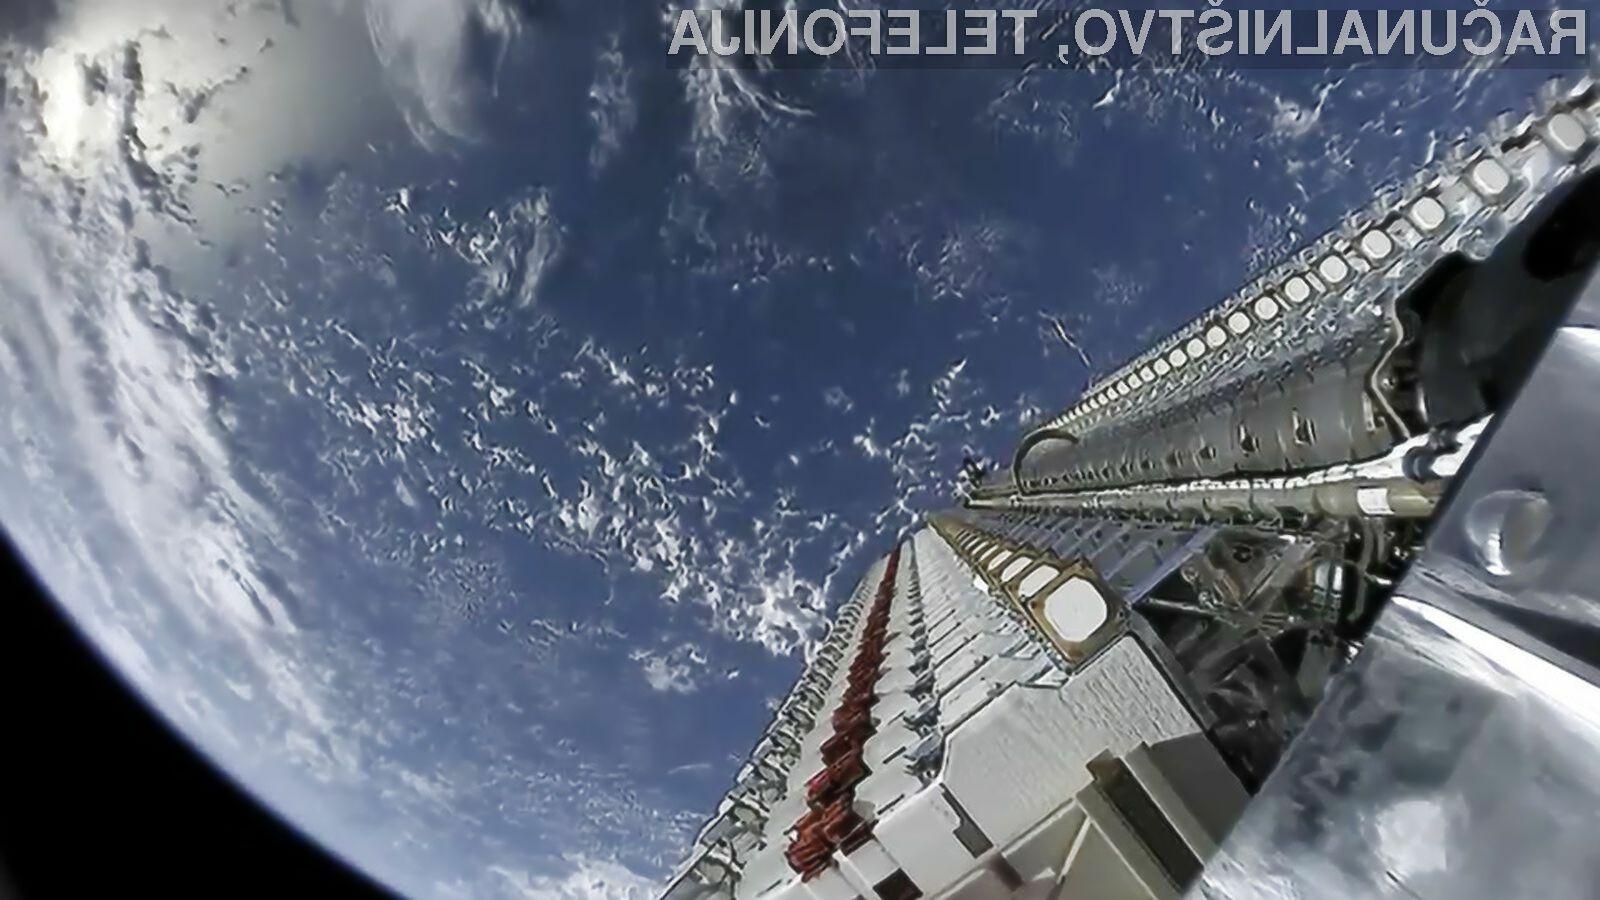 Podjetje SpaceX je v vesolje izstrelilo prvih 60 satelitov za vesoljski internet.